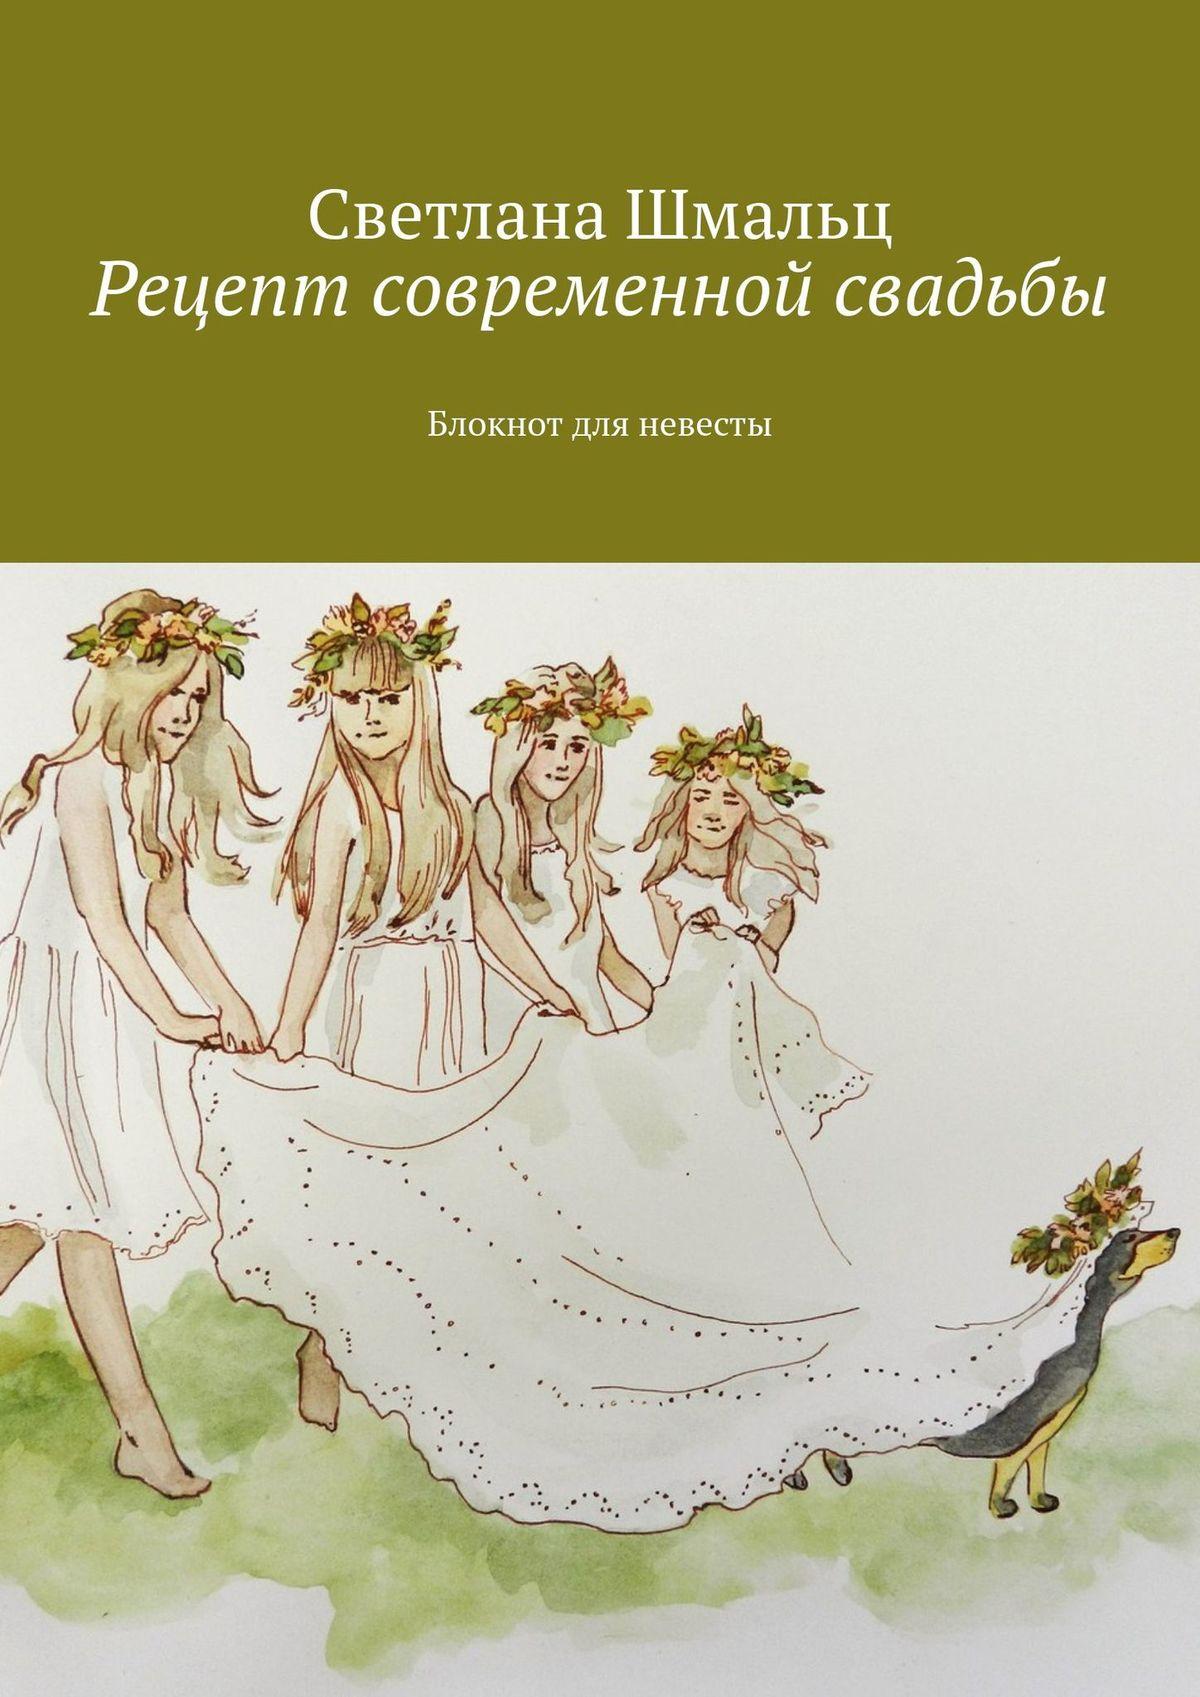 Светлана Шмальц Рецепт современной свадьбы. Блокнот для невесты